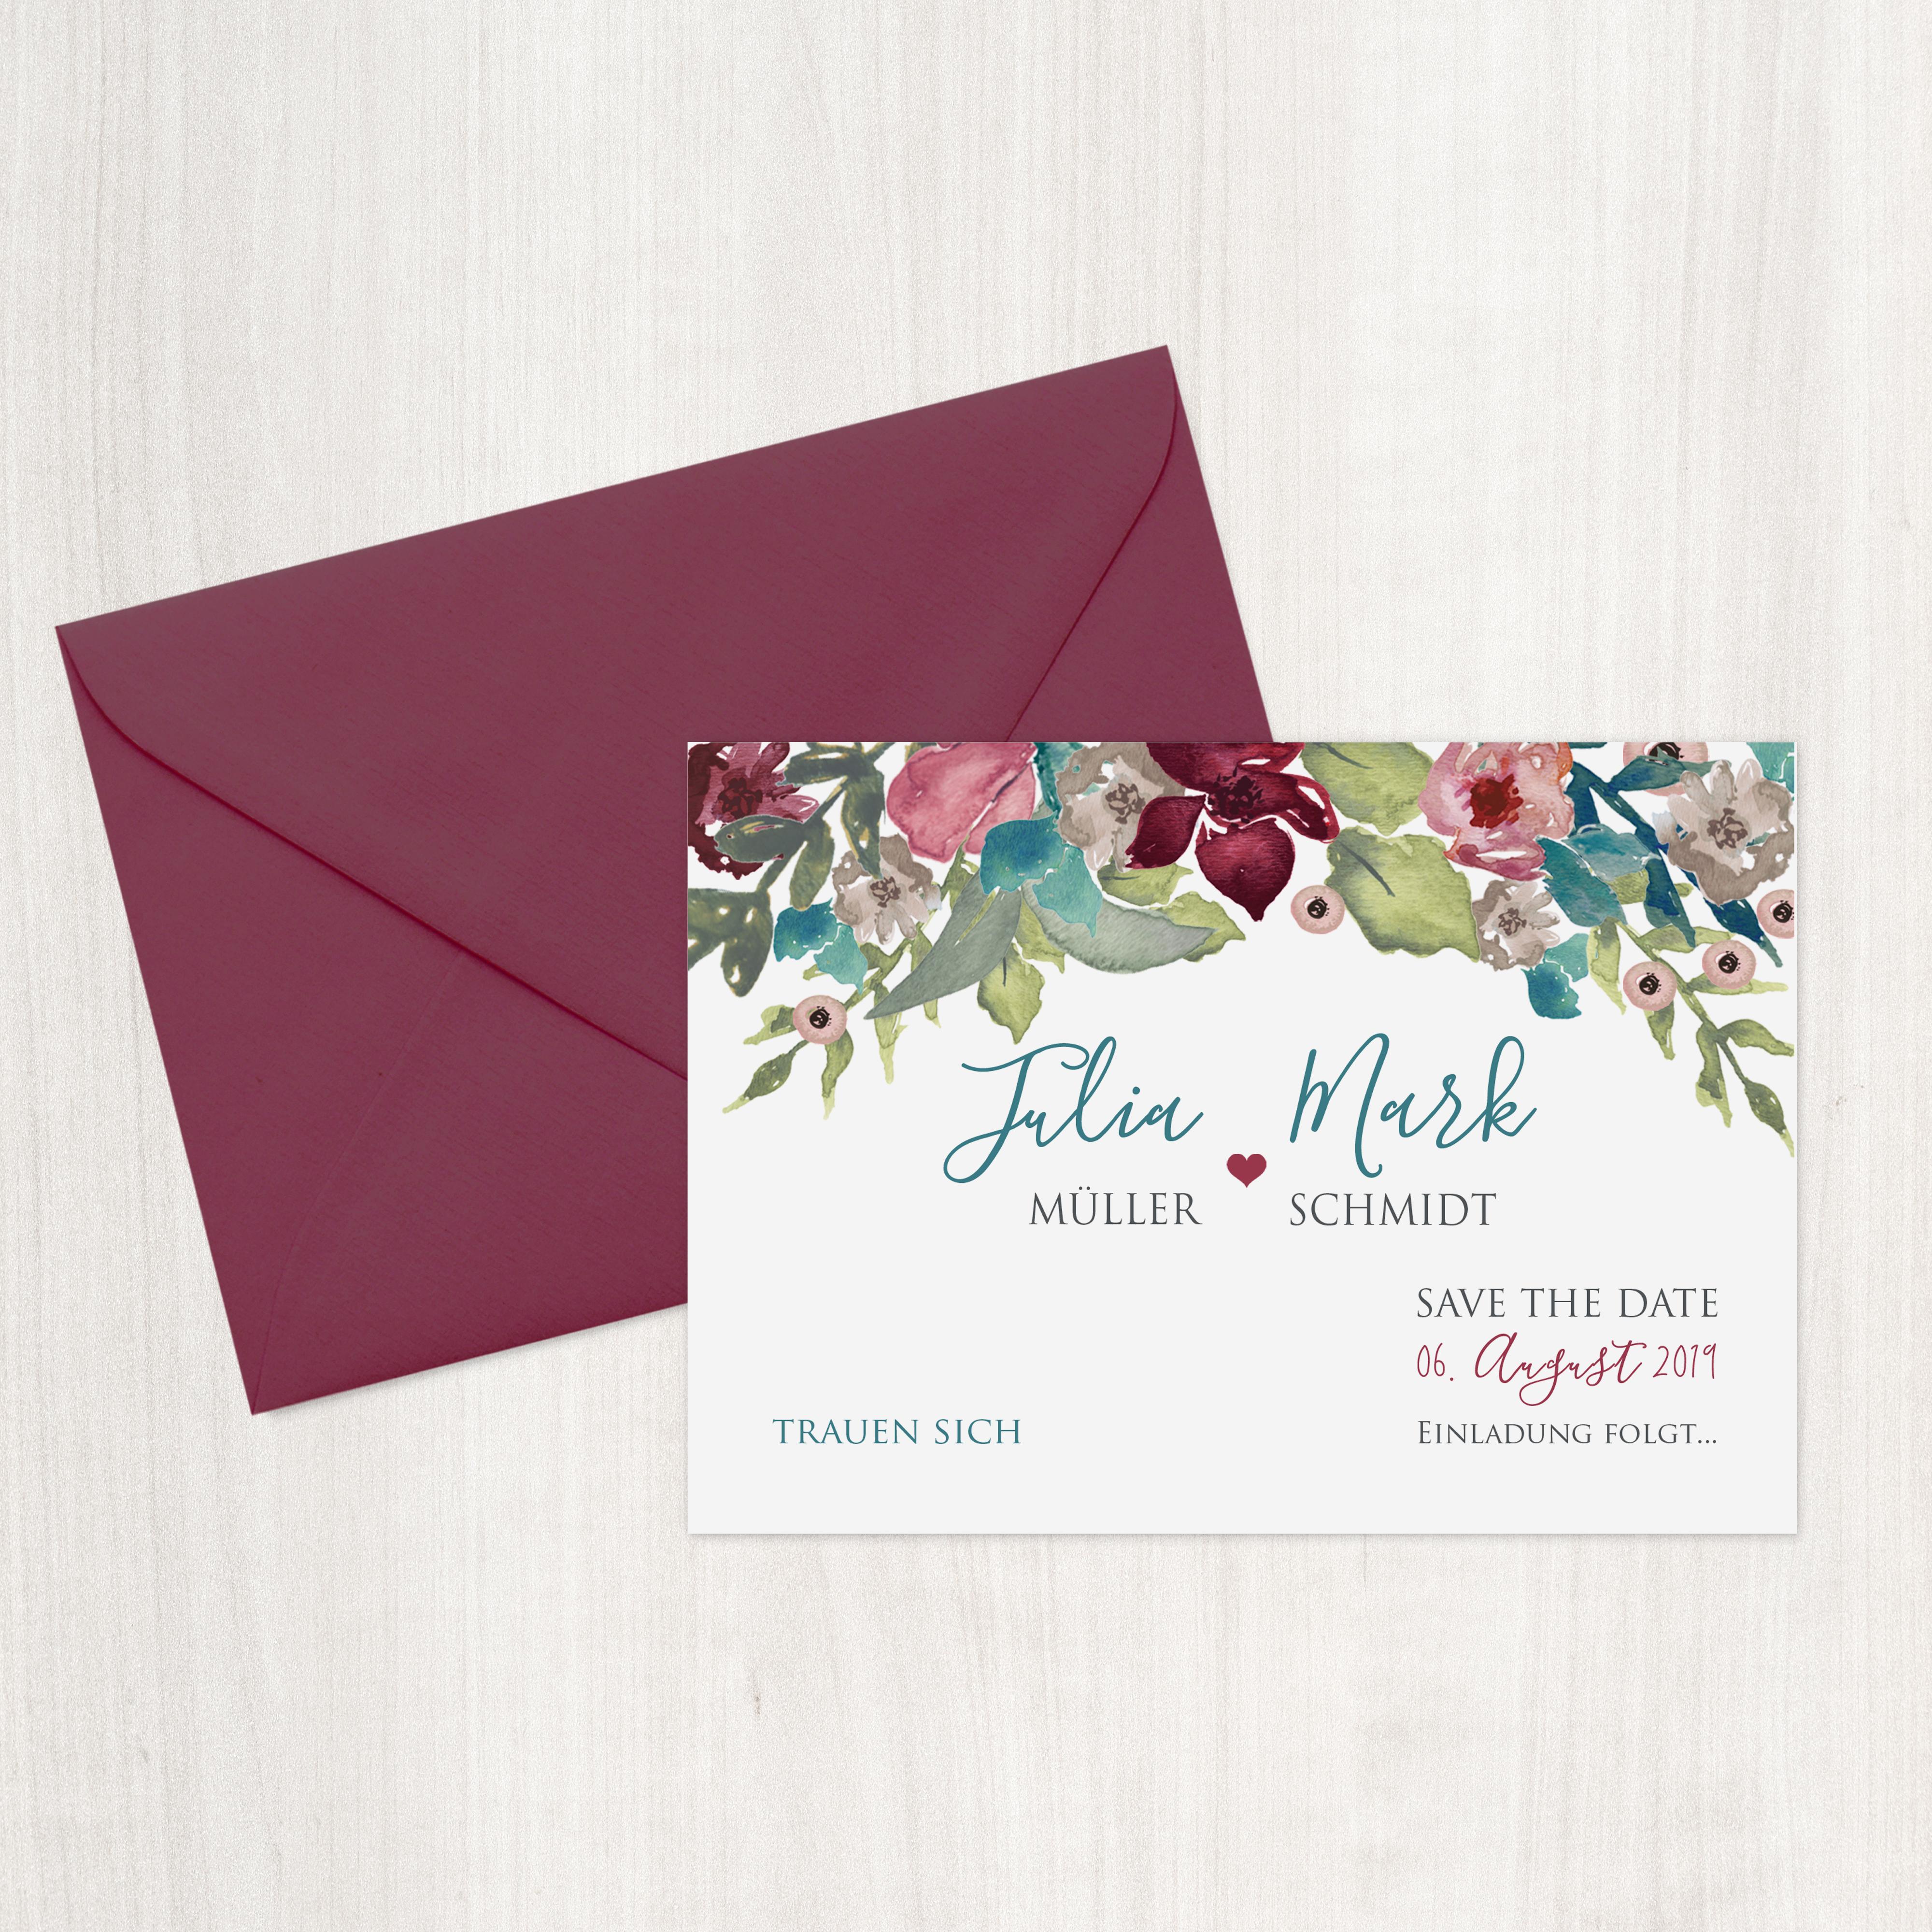 Save The Date Karten Vintage.Save The Date Karte Vintage Boho Blumen Bordeaux Mywedding